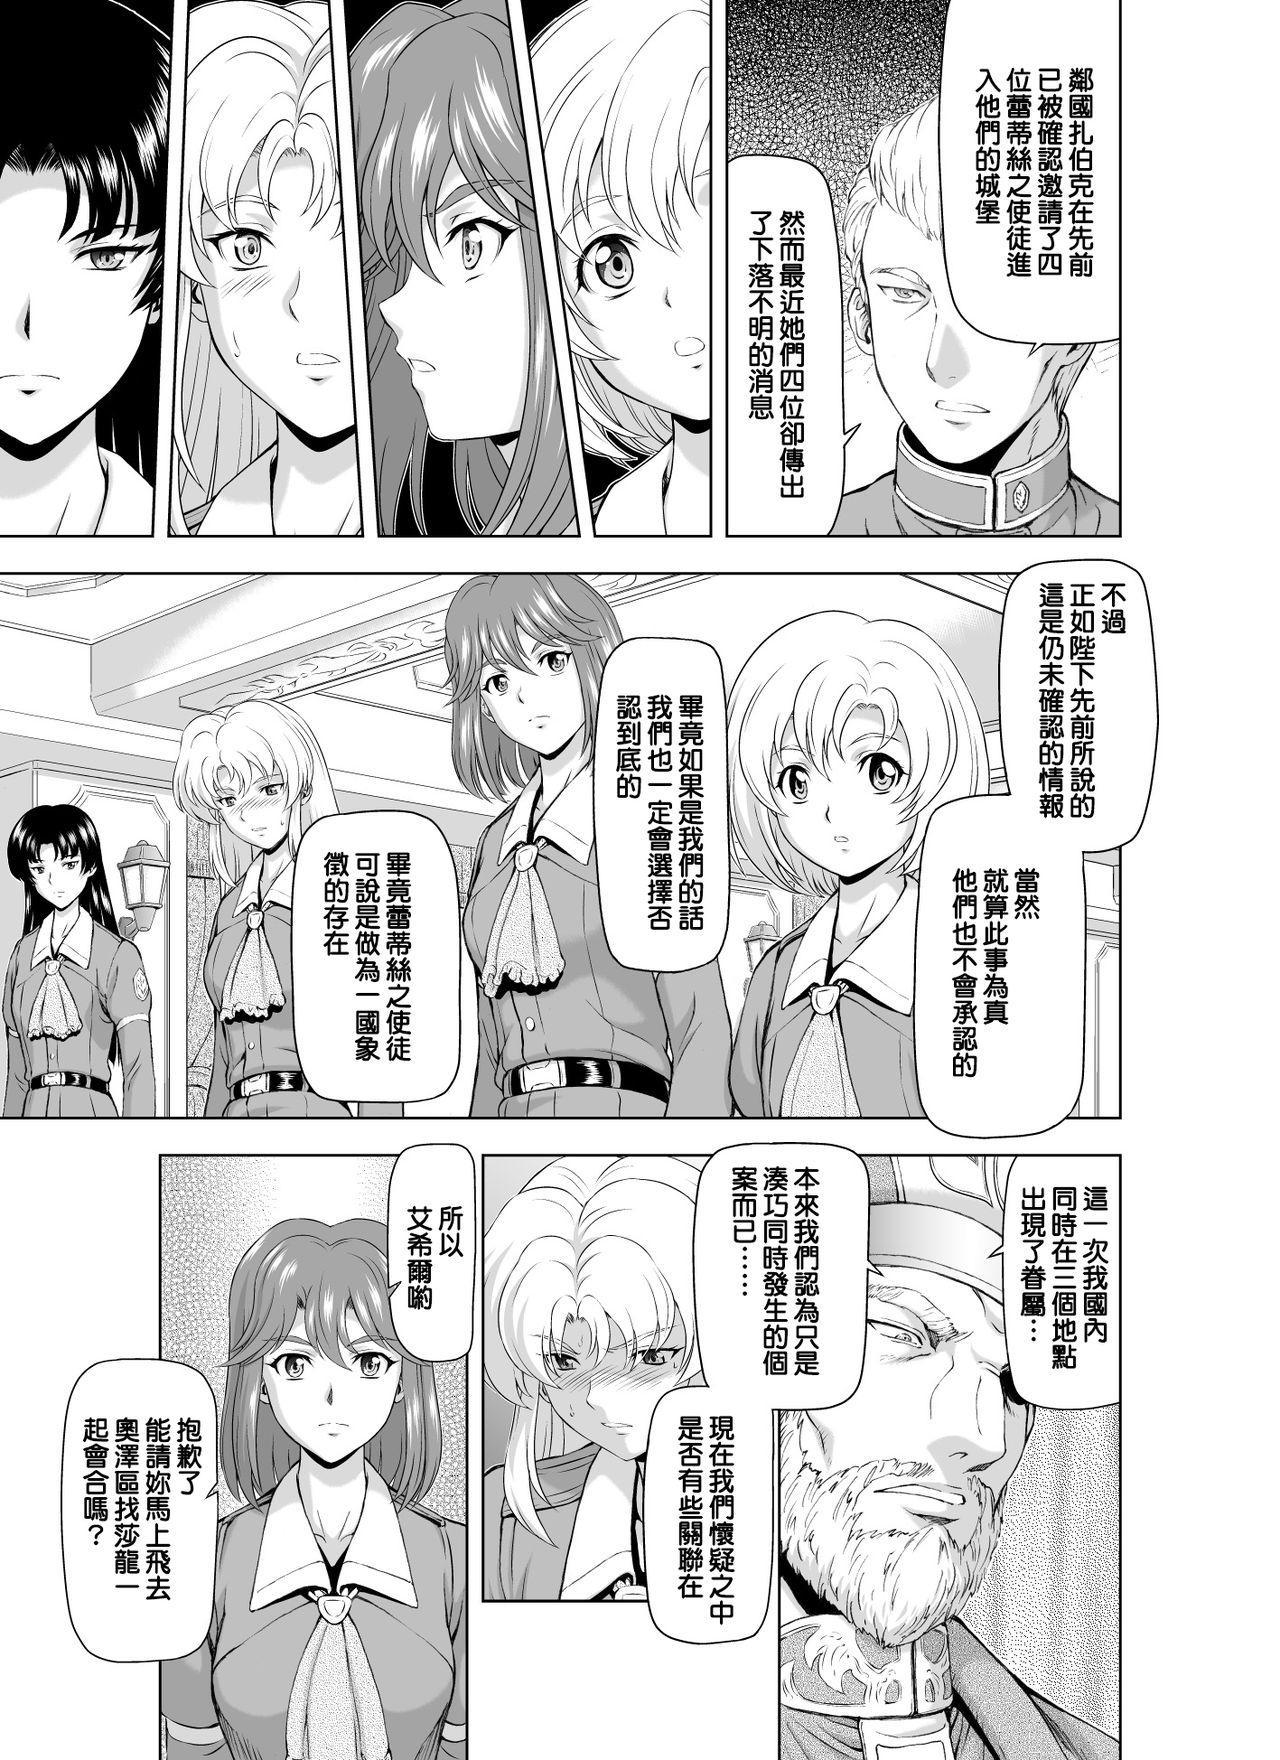 Reties no Michibiki Vol. 2 | 蕾蒂絲的引導 Vol. 2 9